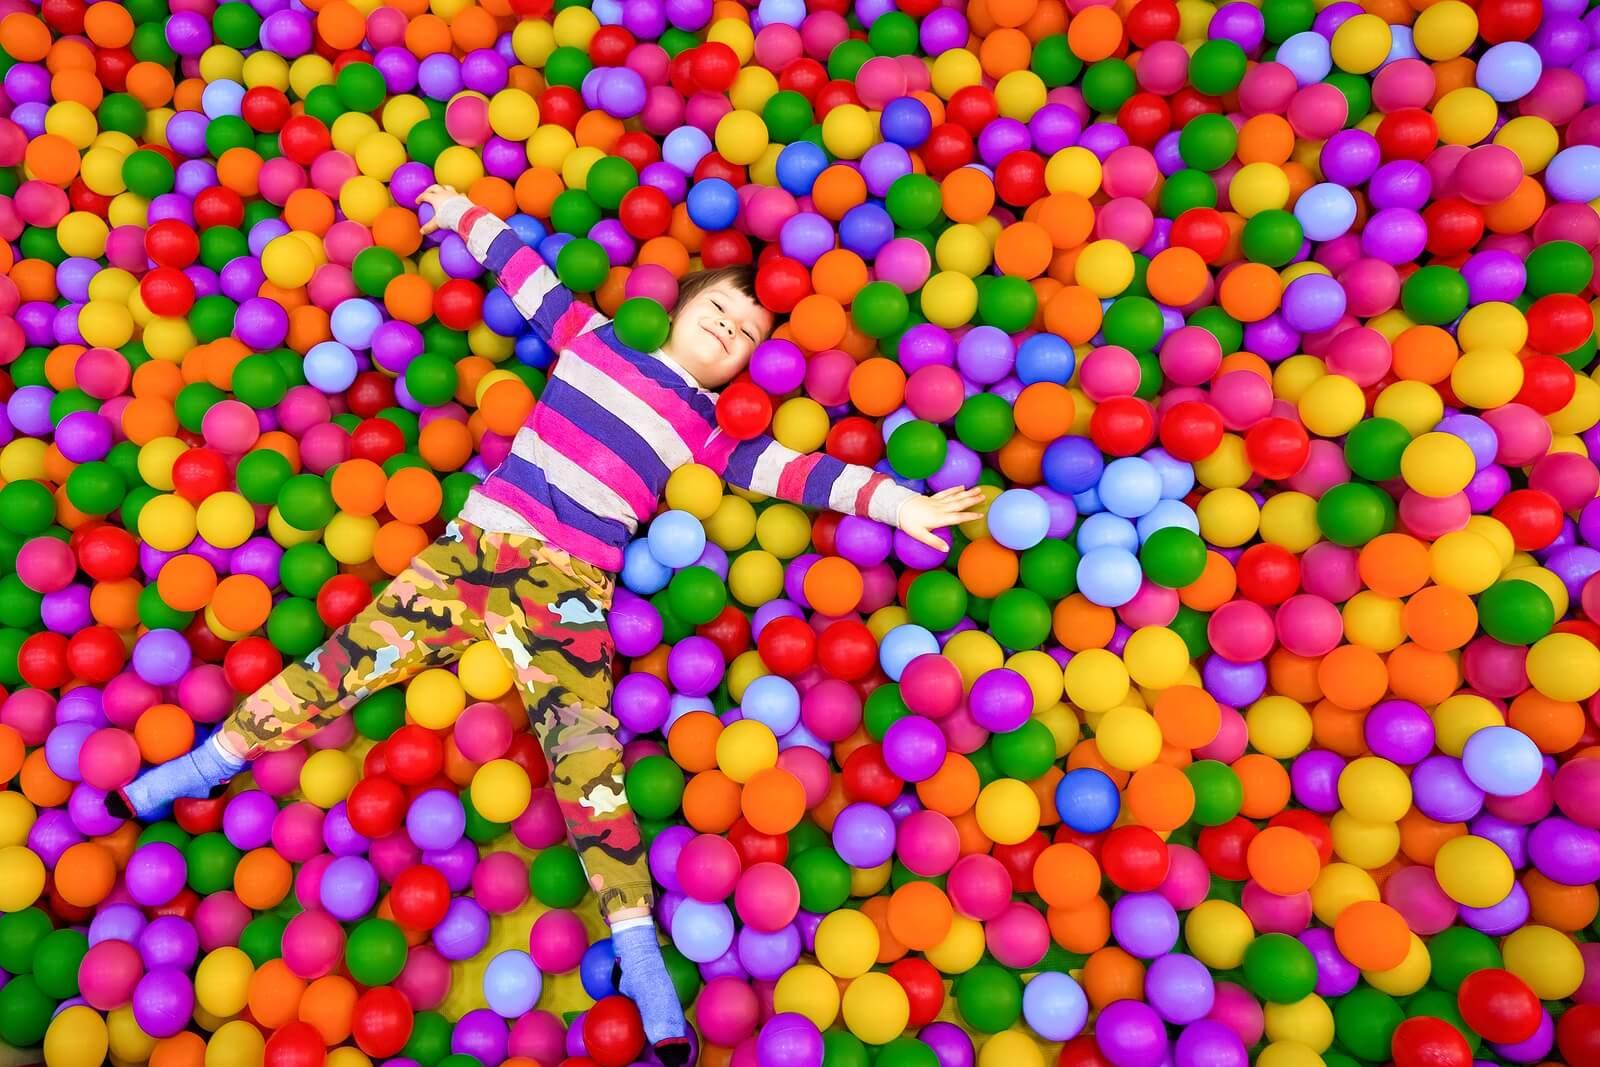 Niño feliz jugando en un parque de bolas.